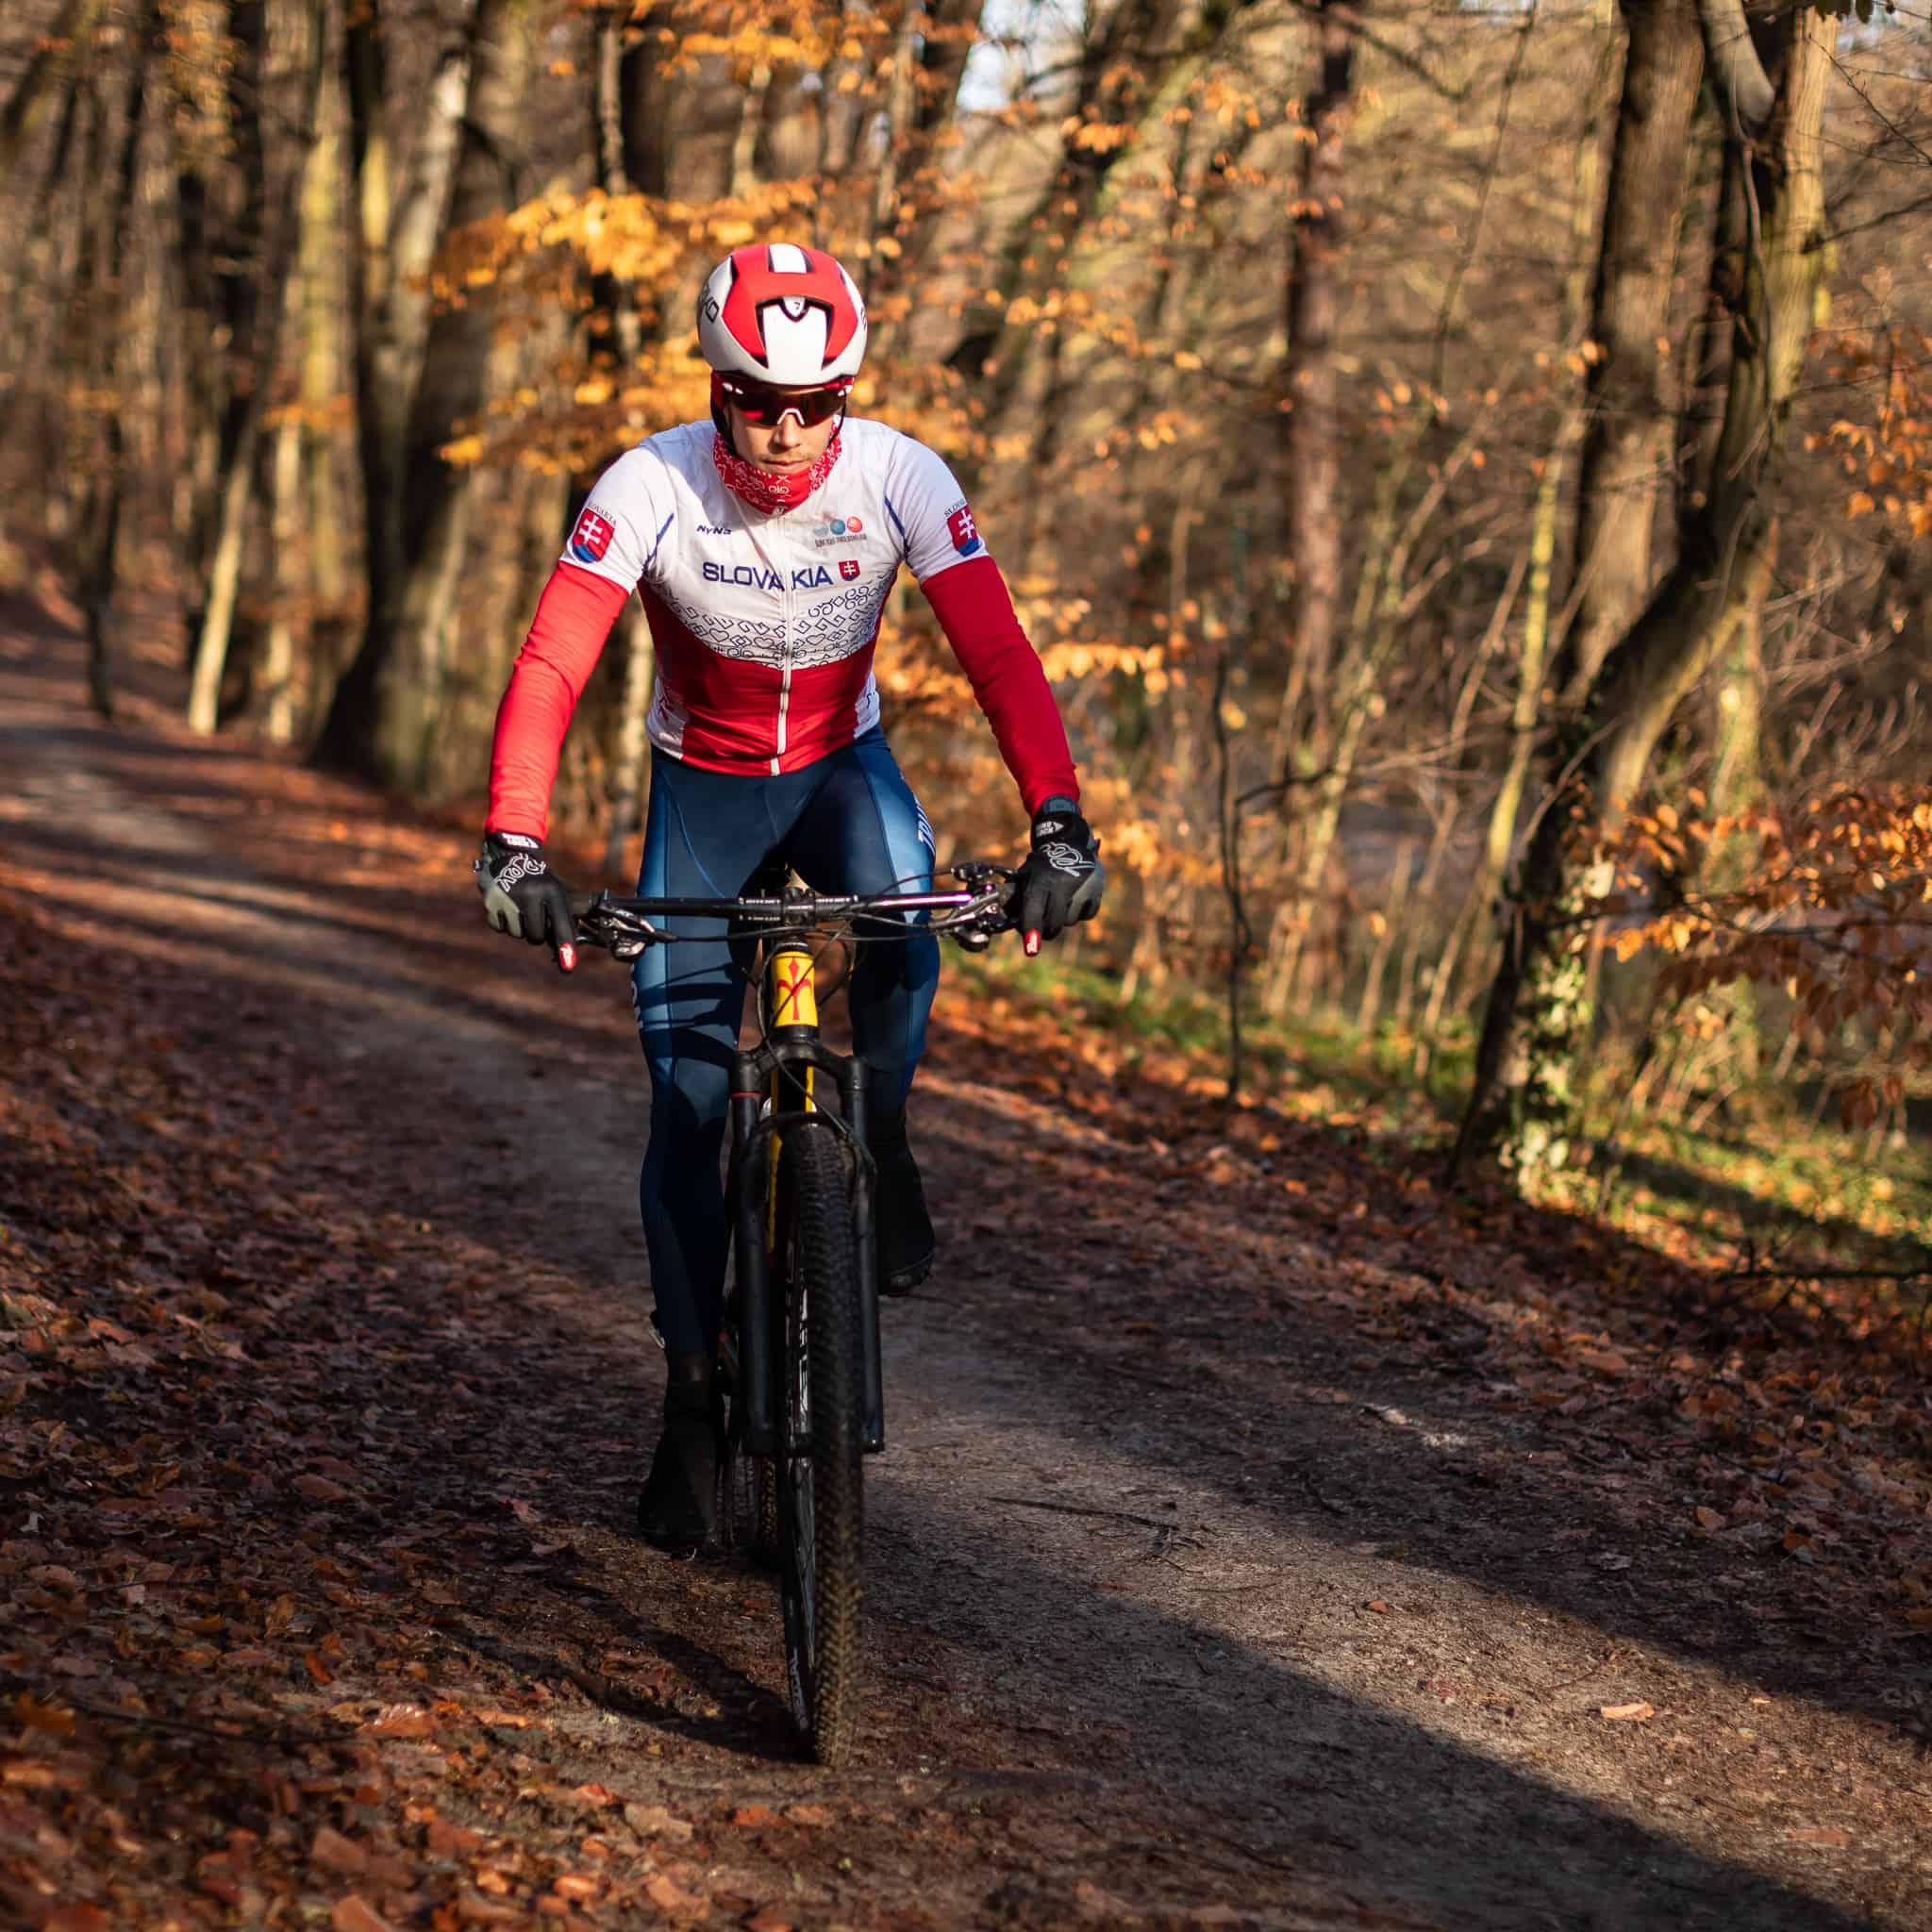 Praktické rady na off-road cyklistiku pre začiatočníkov